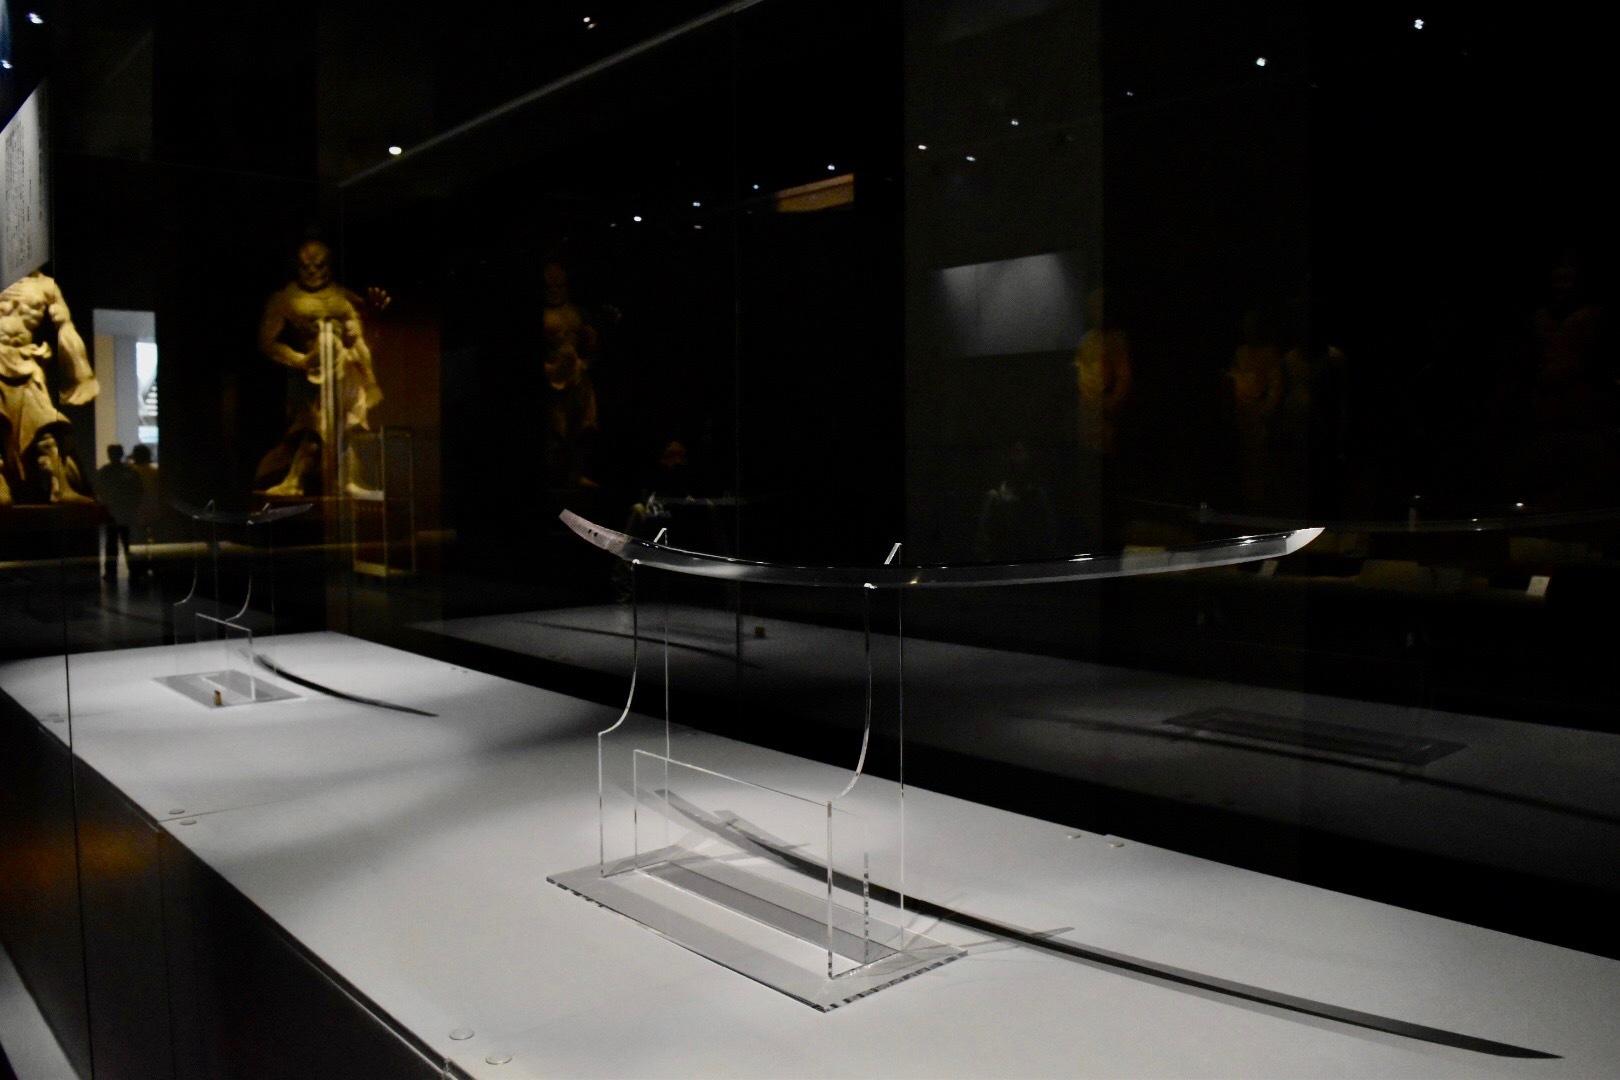 重要文化財《太刀 銘□忠(名物膝丸・薄緑)》 鎌倉時代 京都・大覚寺